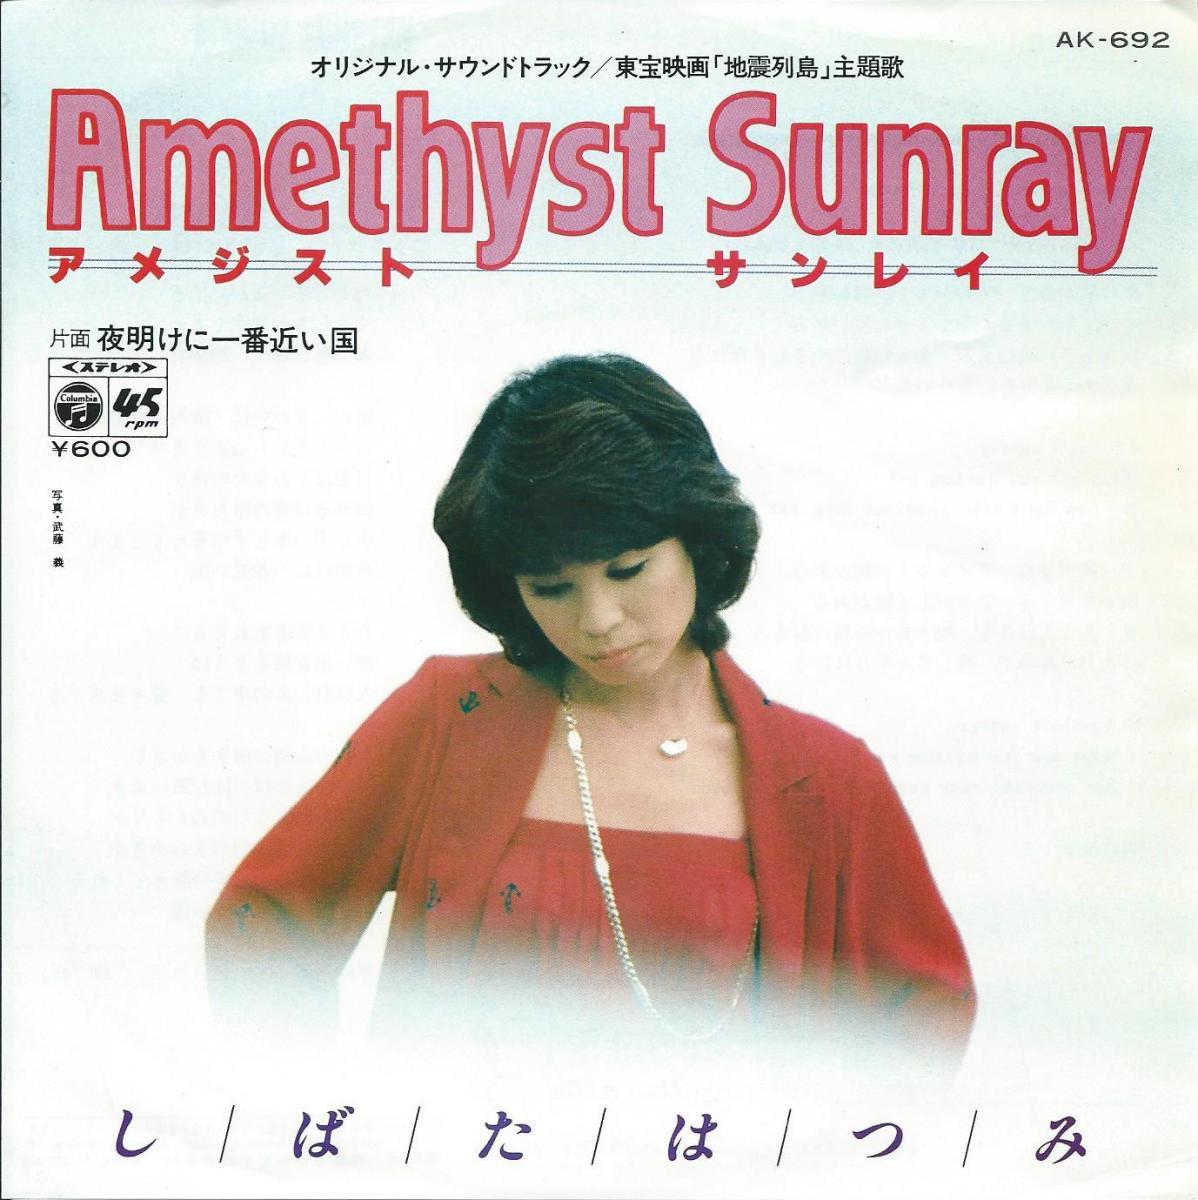 しばたはつみ HATSUMI SHIBATA / アメジスト サンレイ AMETHYST SUNRAY (7